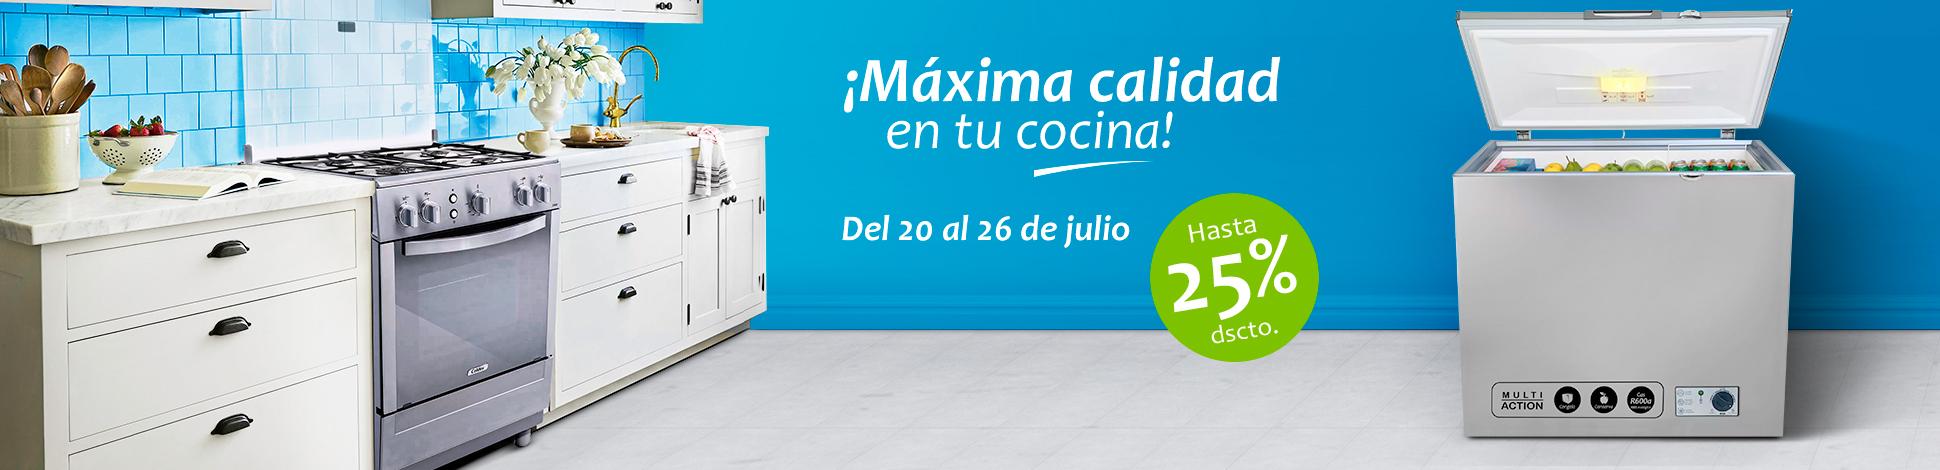 COLDEX-1940X470.jpg | Juntoz.com